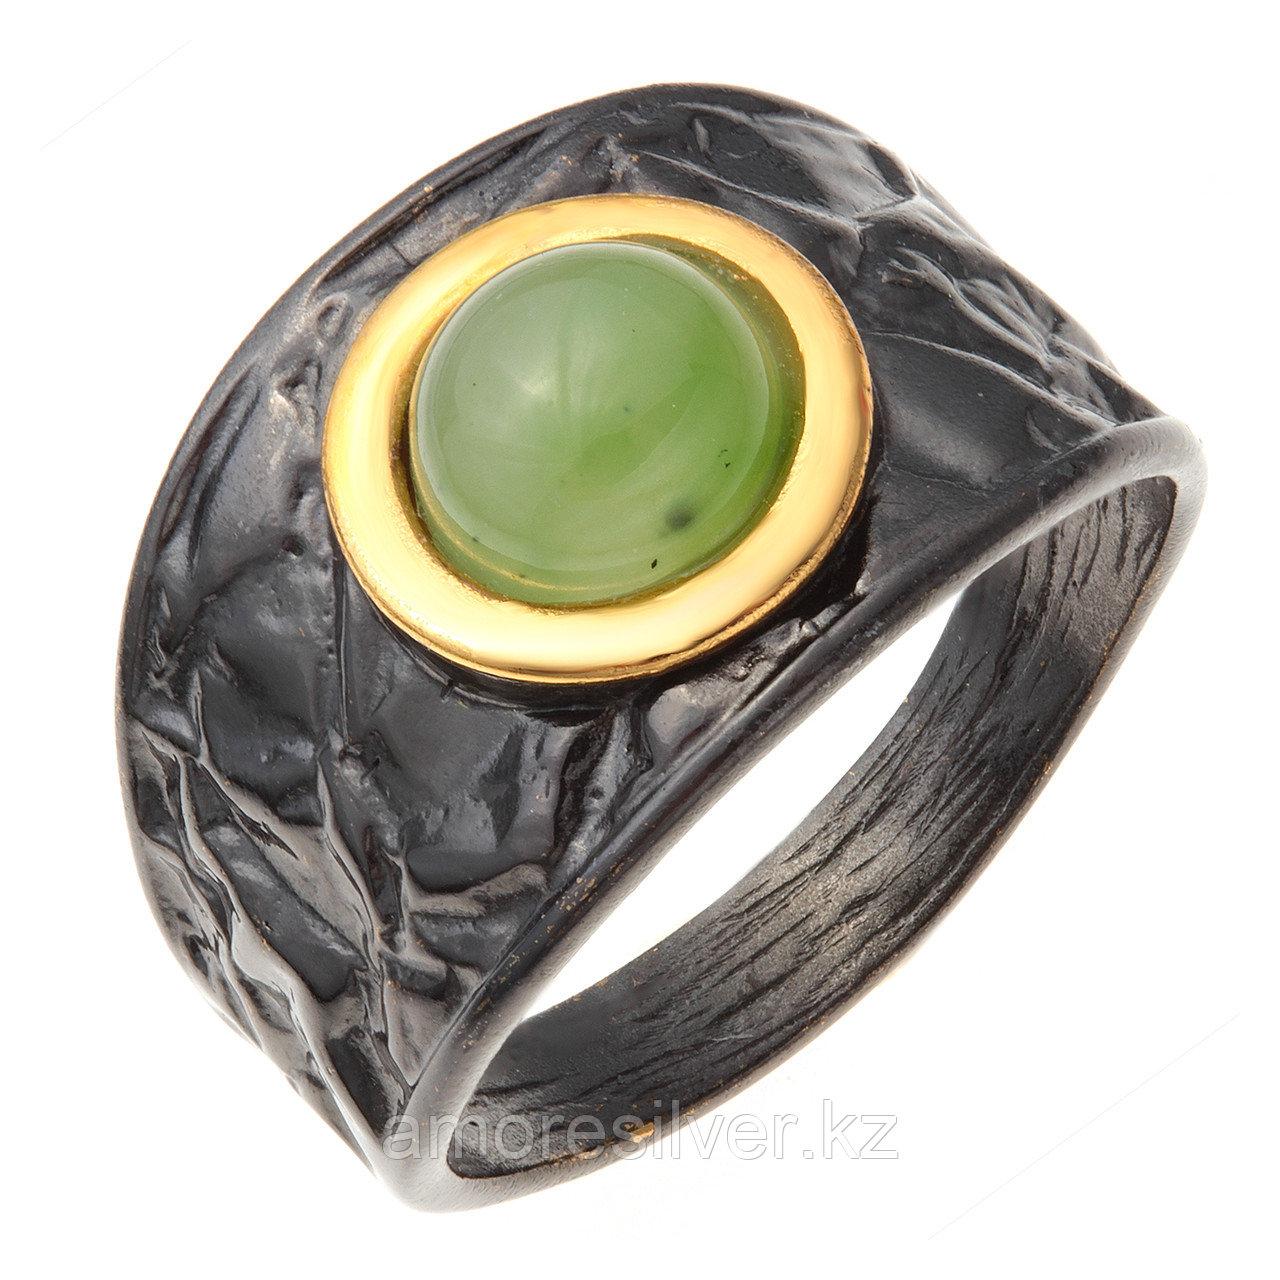 Кольцо Балтийское золото , нефрит, модное 71801056 размеры - 18,5